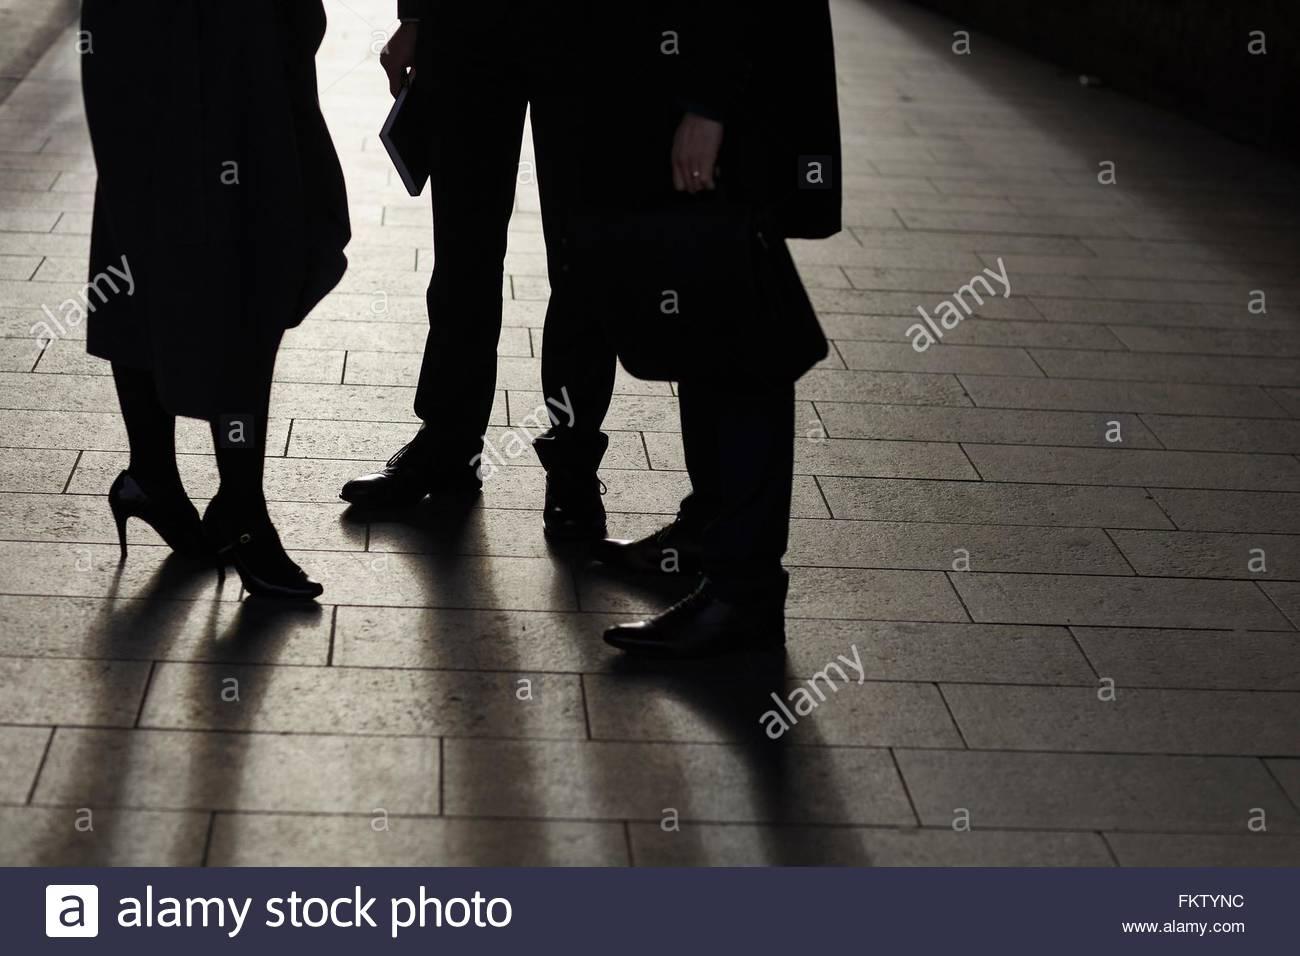 Taille abwärts von Geschäftspartnern stehen Pflaster von Angesicht zu Angesicht sprechen Stockbild